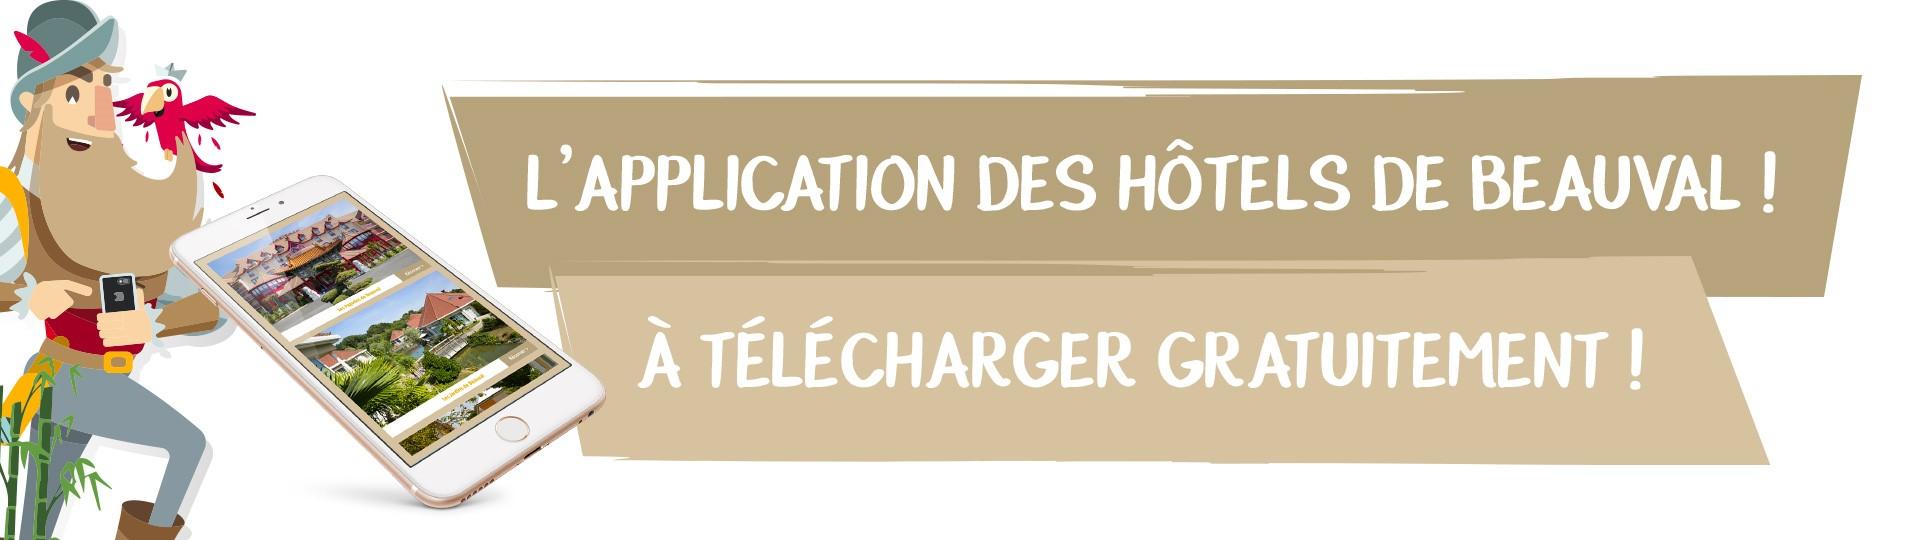 Une application mobile dédiée aux Hôtels de Beauval !